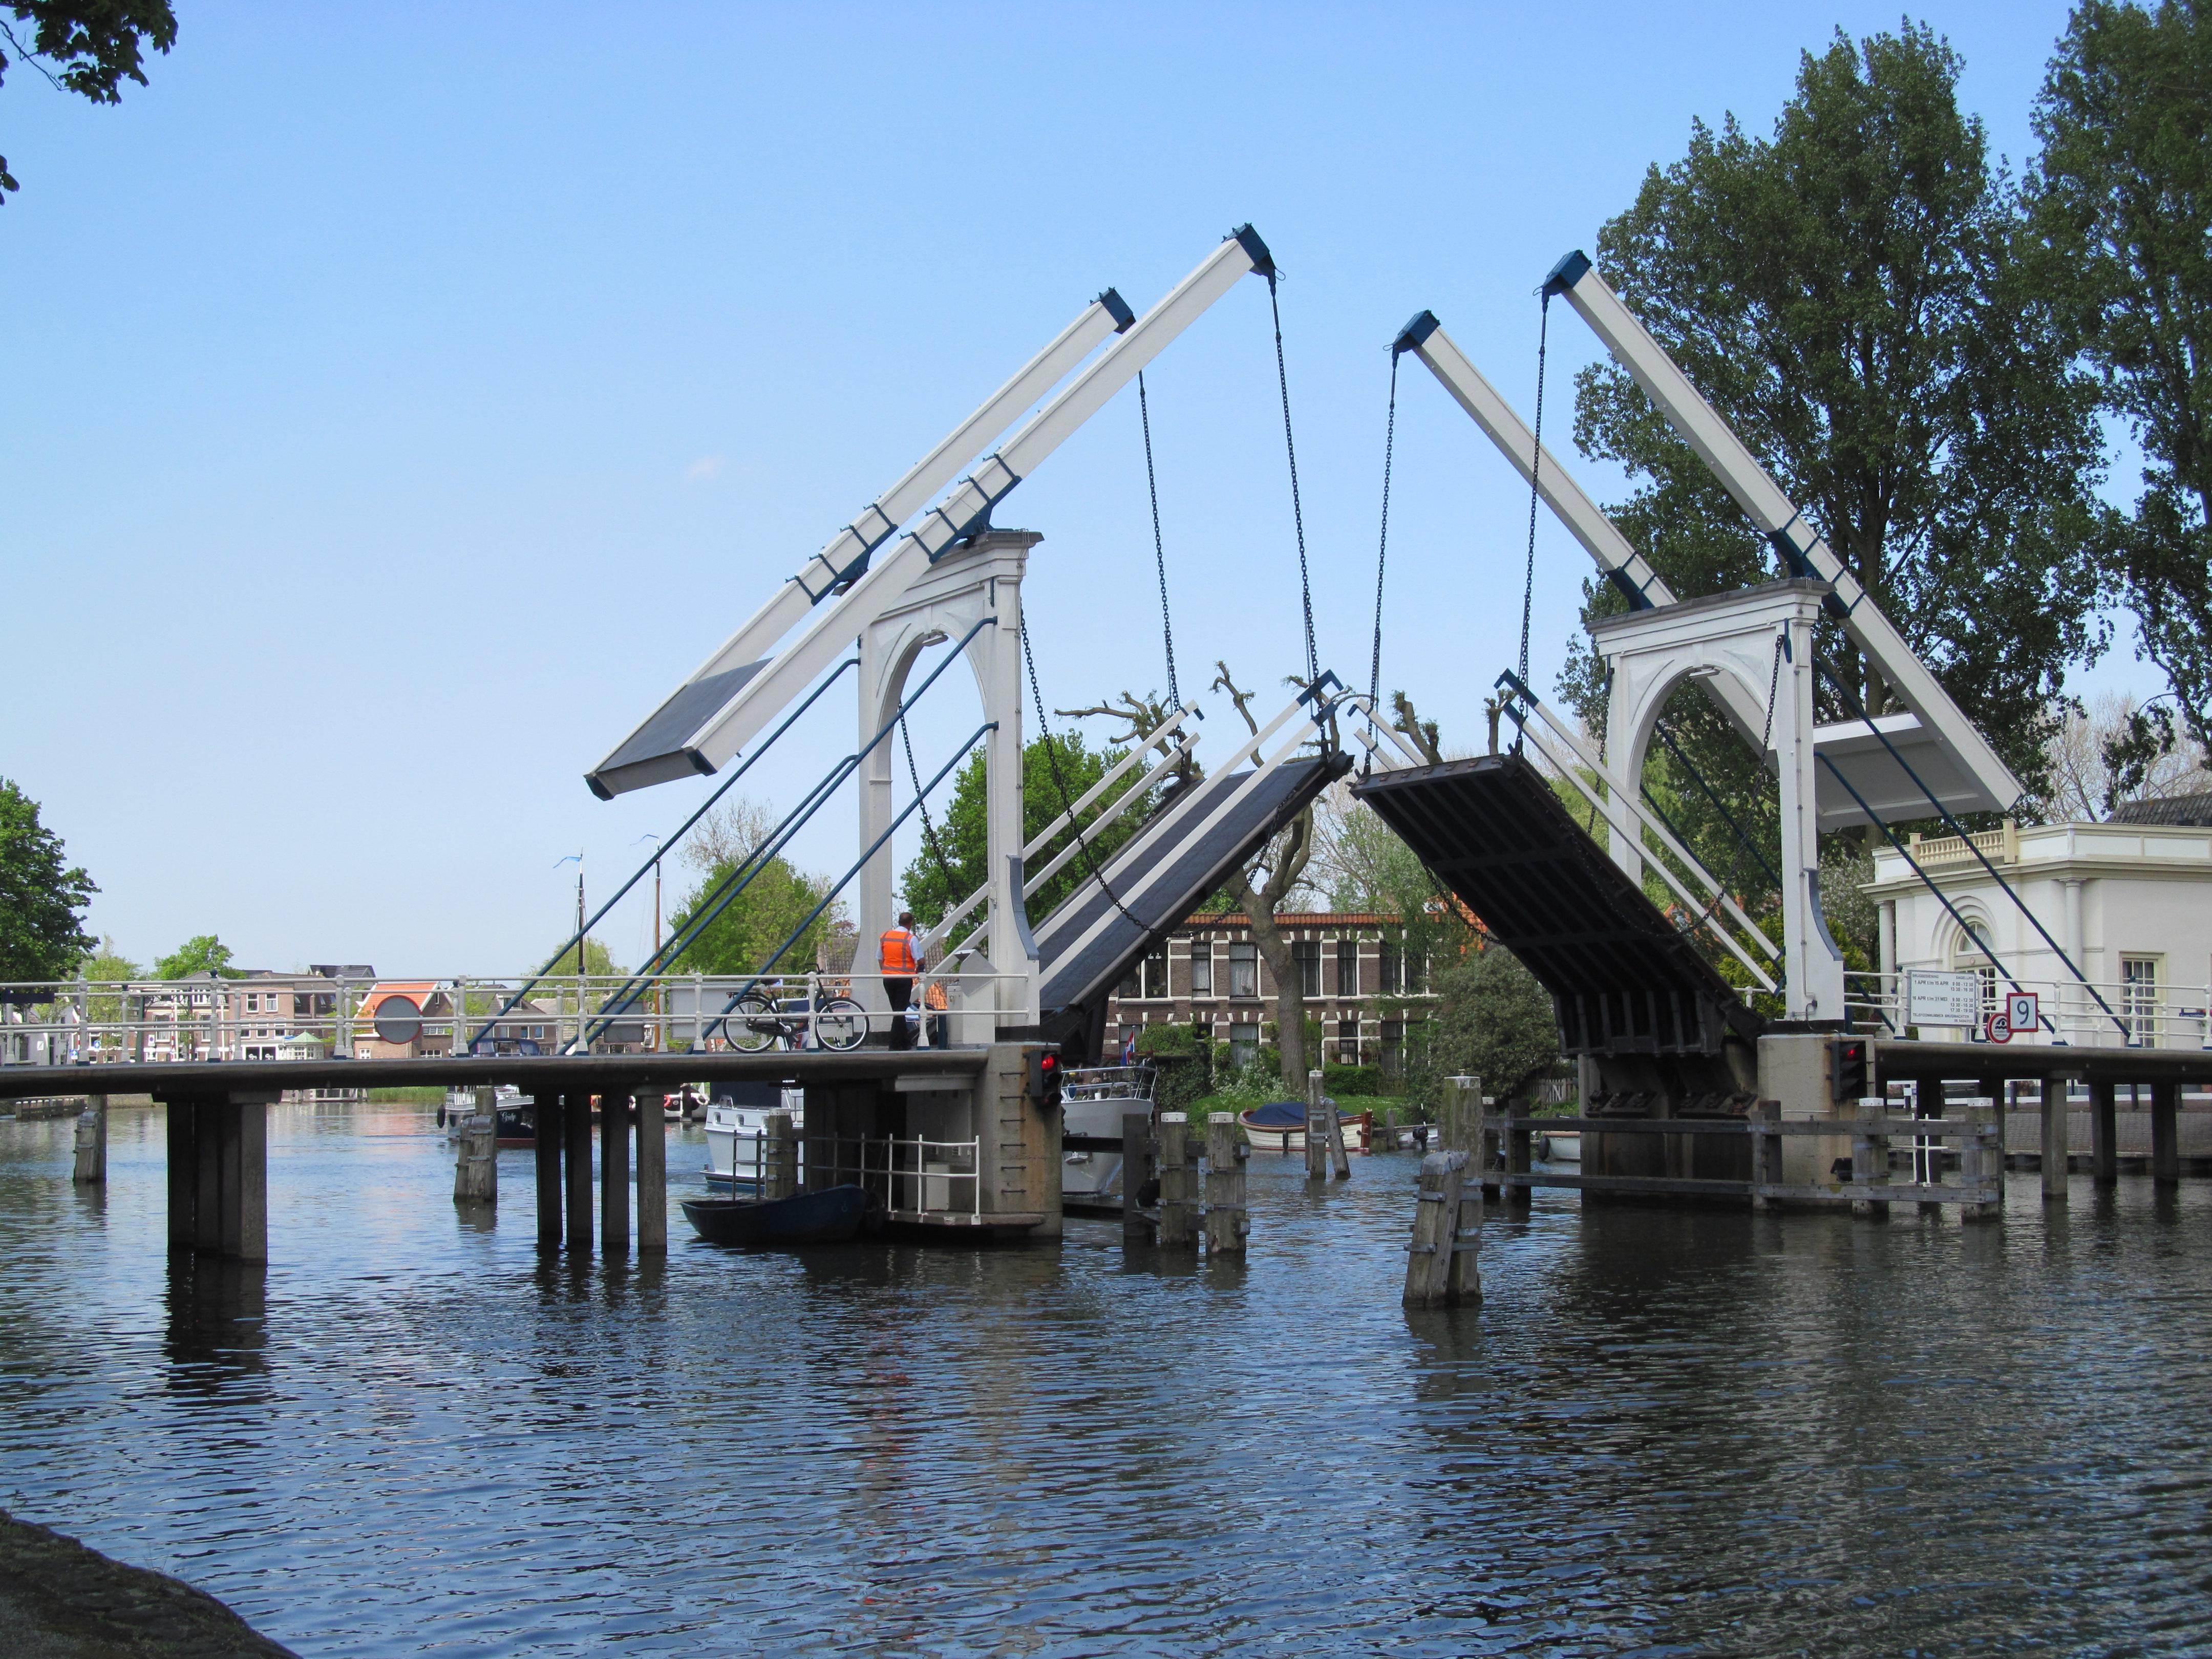 Opnieuw onderhoudswerk aan Lange Vechtbrug tussen polder en binnenstad Weesp; extra reistijd, ook voor de brandweer